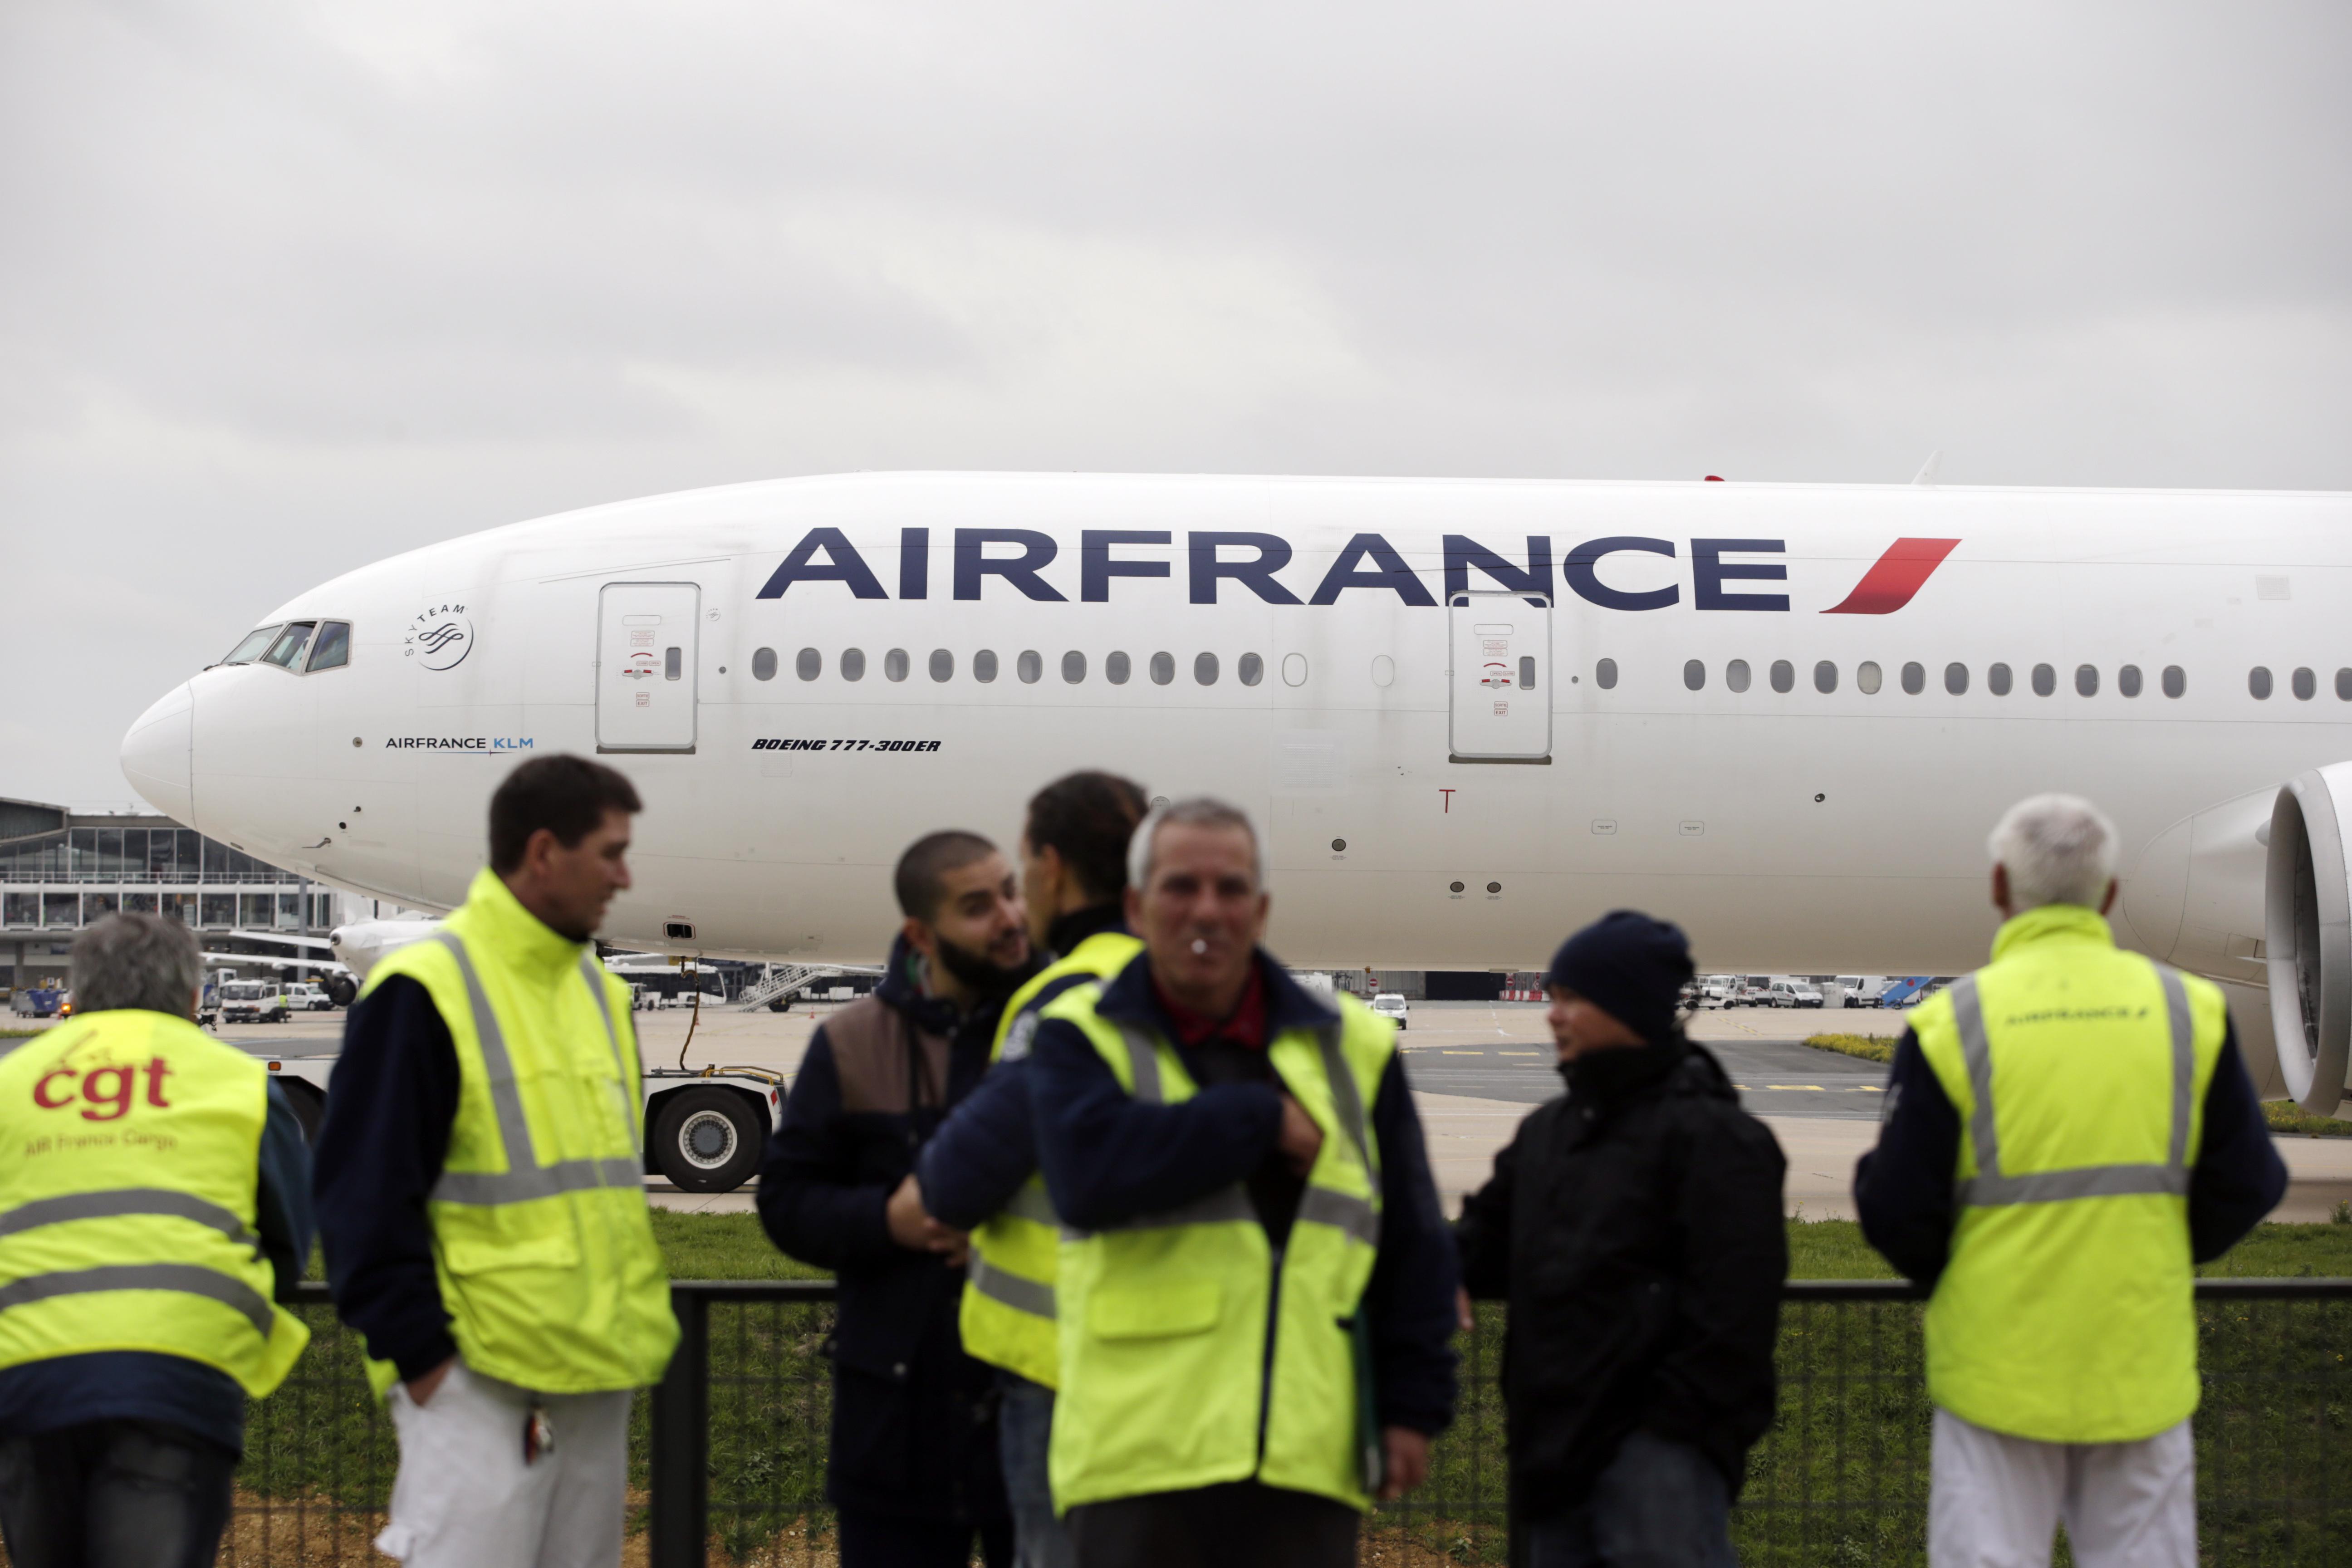 Veszélyben az Air France-KLM összefonódás, mert a franciák és a hollandok nem viselik jól egymást